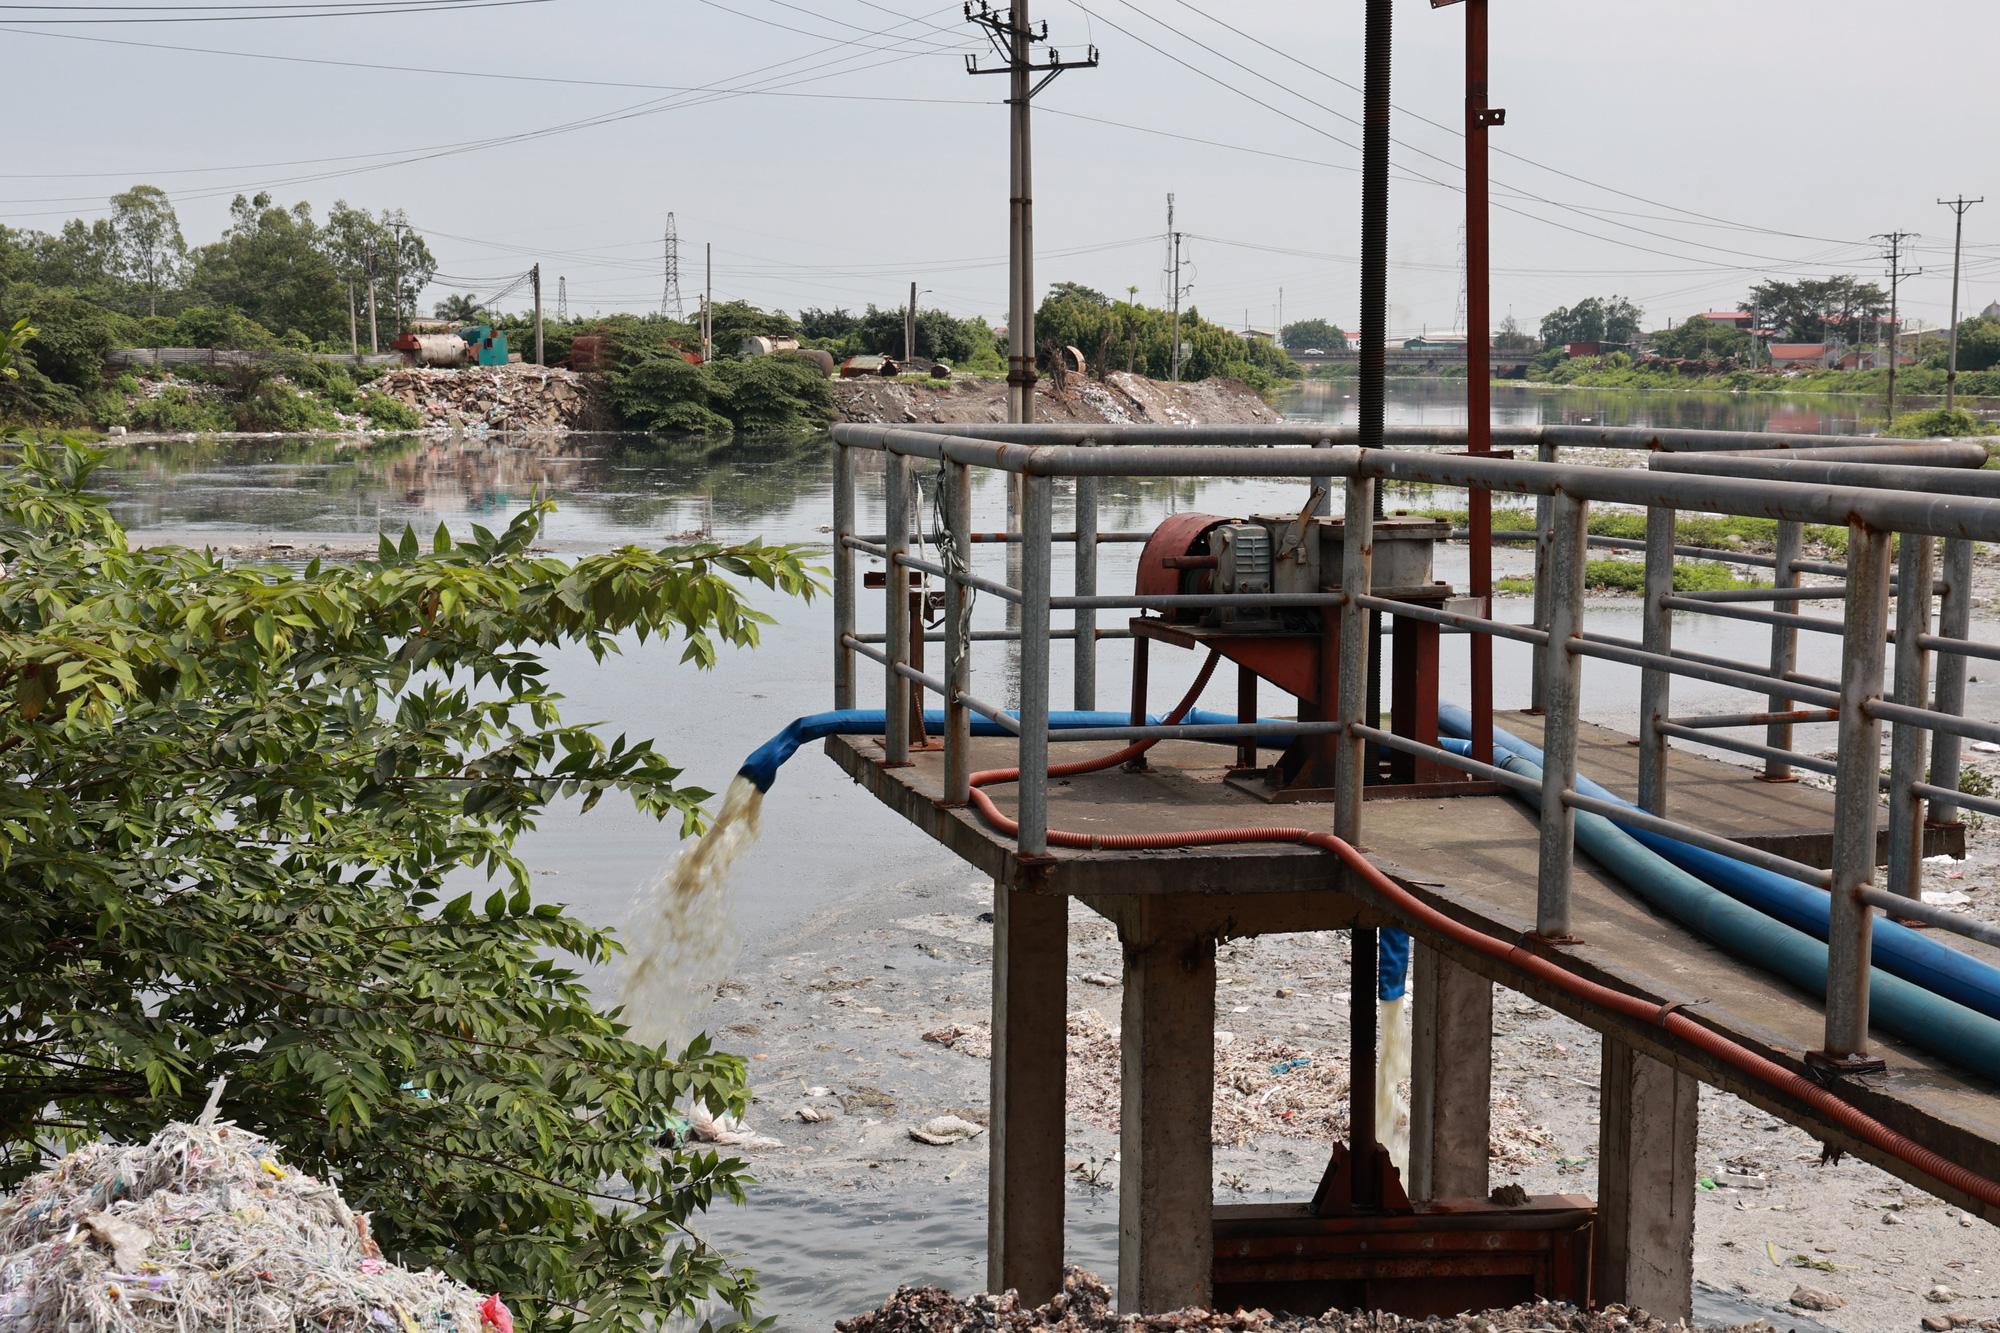 Chủ tịch UBND TP. Bắc Ninh họp bàn kế hoạch xử lý ô nhiễm kinh hoàng ở làng giấy Phong Khê  - Ảnh 2.